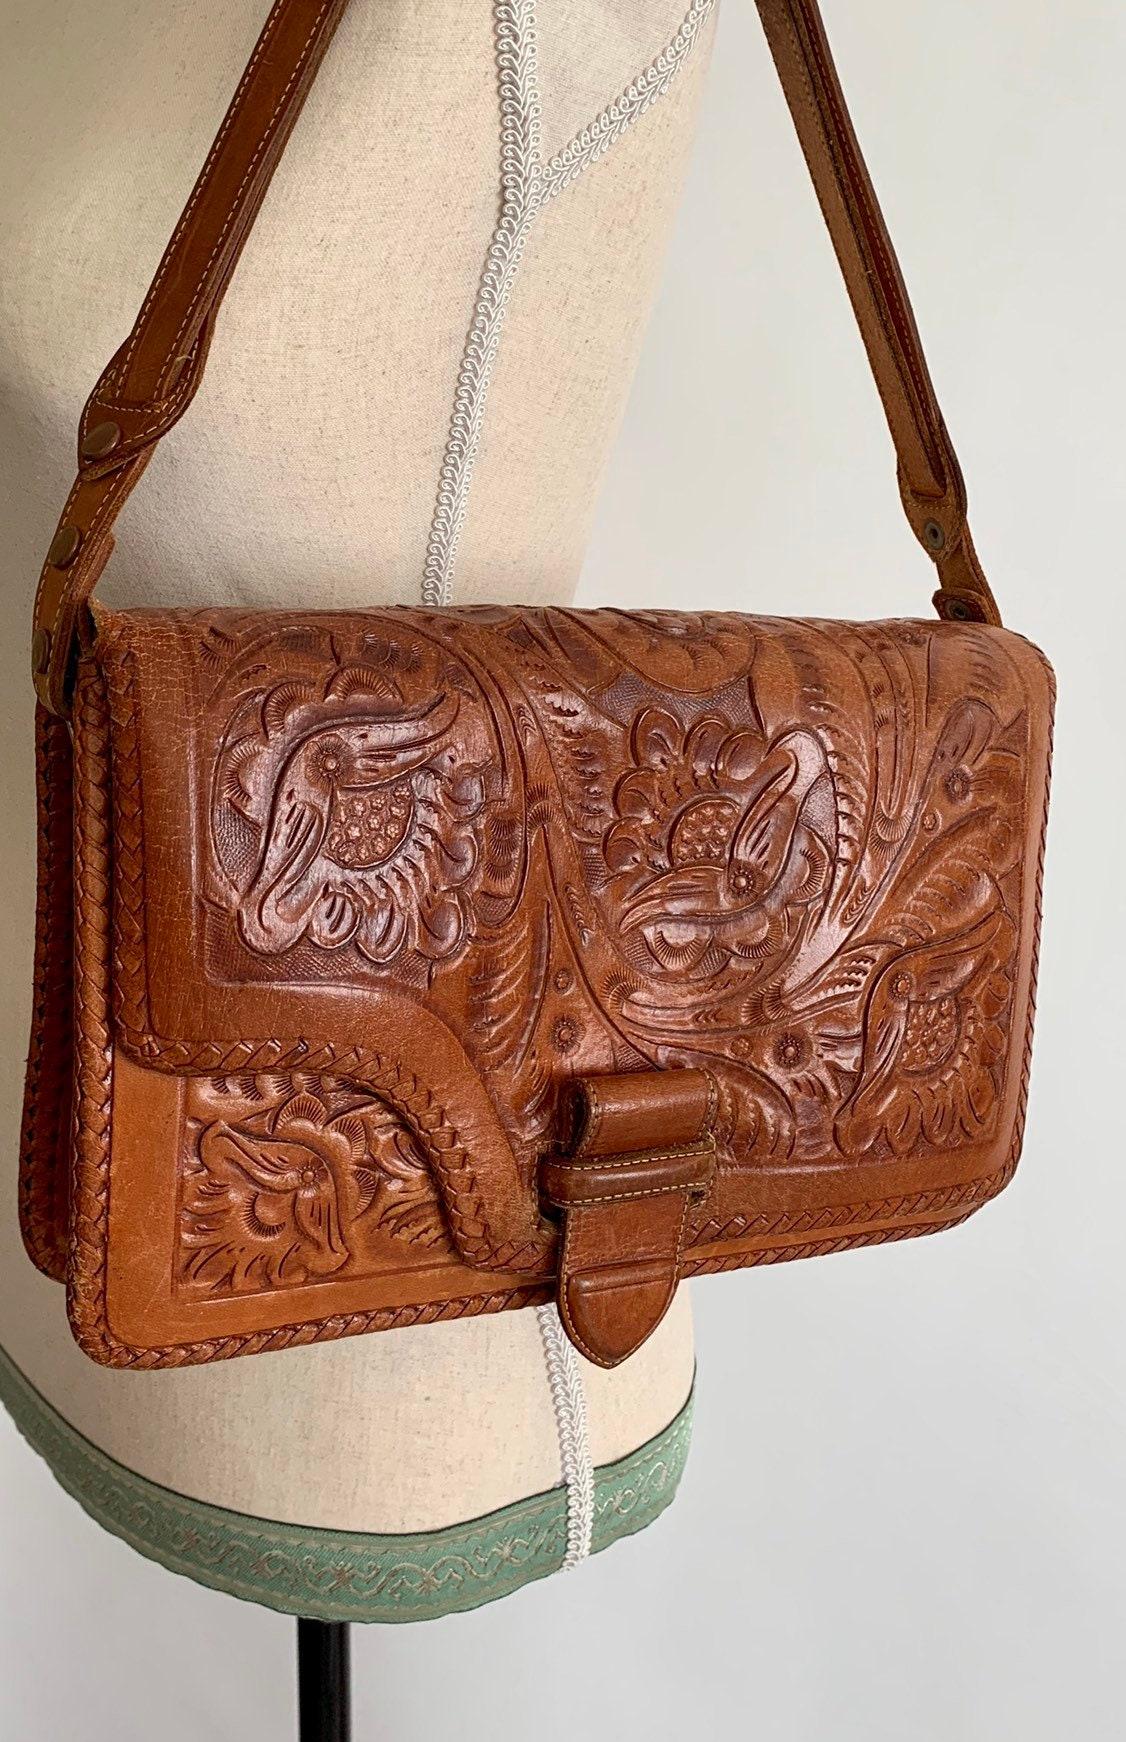 Tooled Leather Purse Handbag Vintage 60s 70s Dark Brown